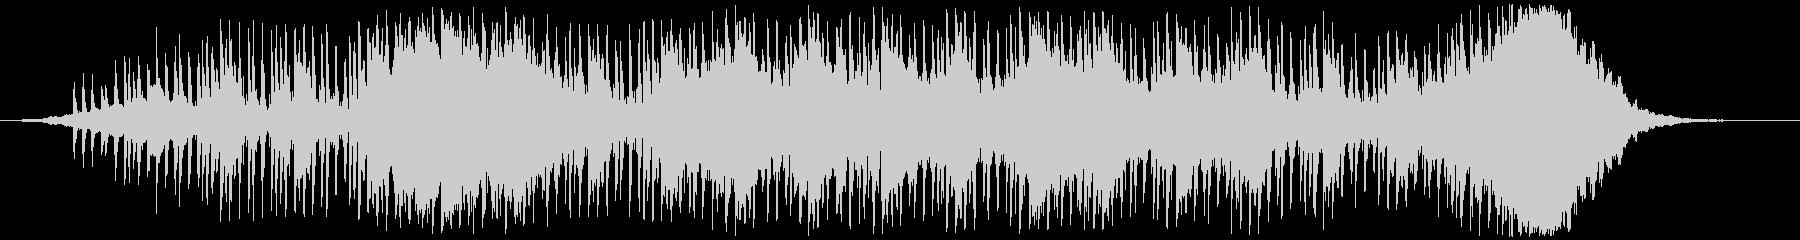 ヘビーなエレクトロニカの未再生の波形